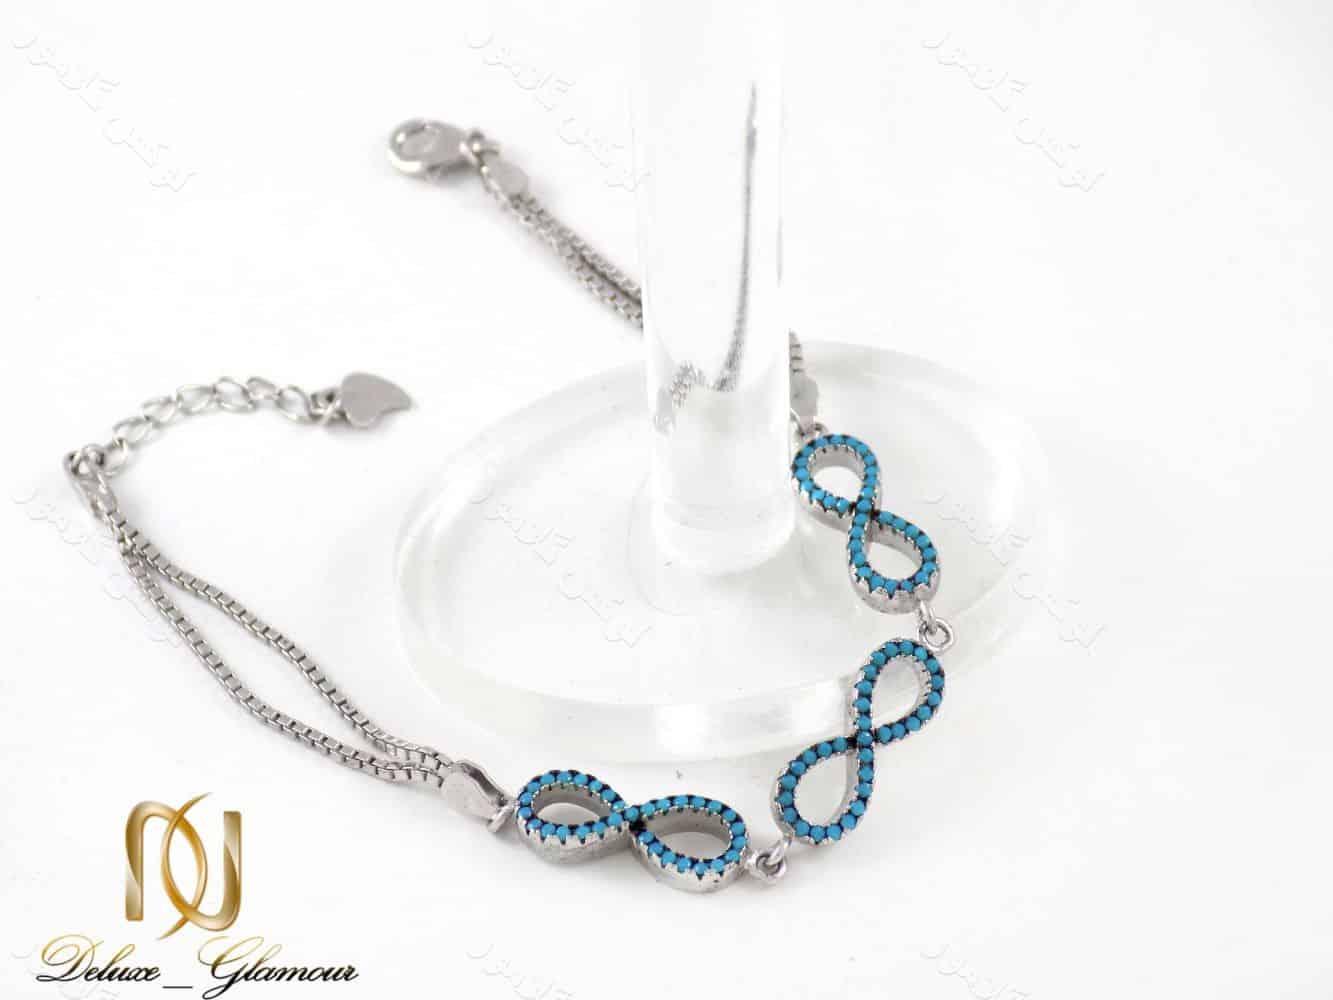 دستبند دخترانه نقره طرح بی نهایت 6.5 گرمی با نگین های لاکی ds-n197 از نمای کنار